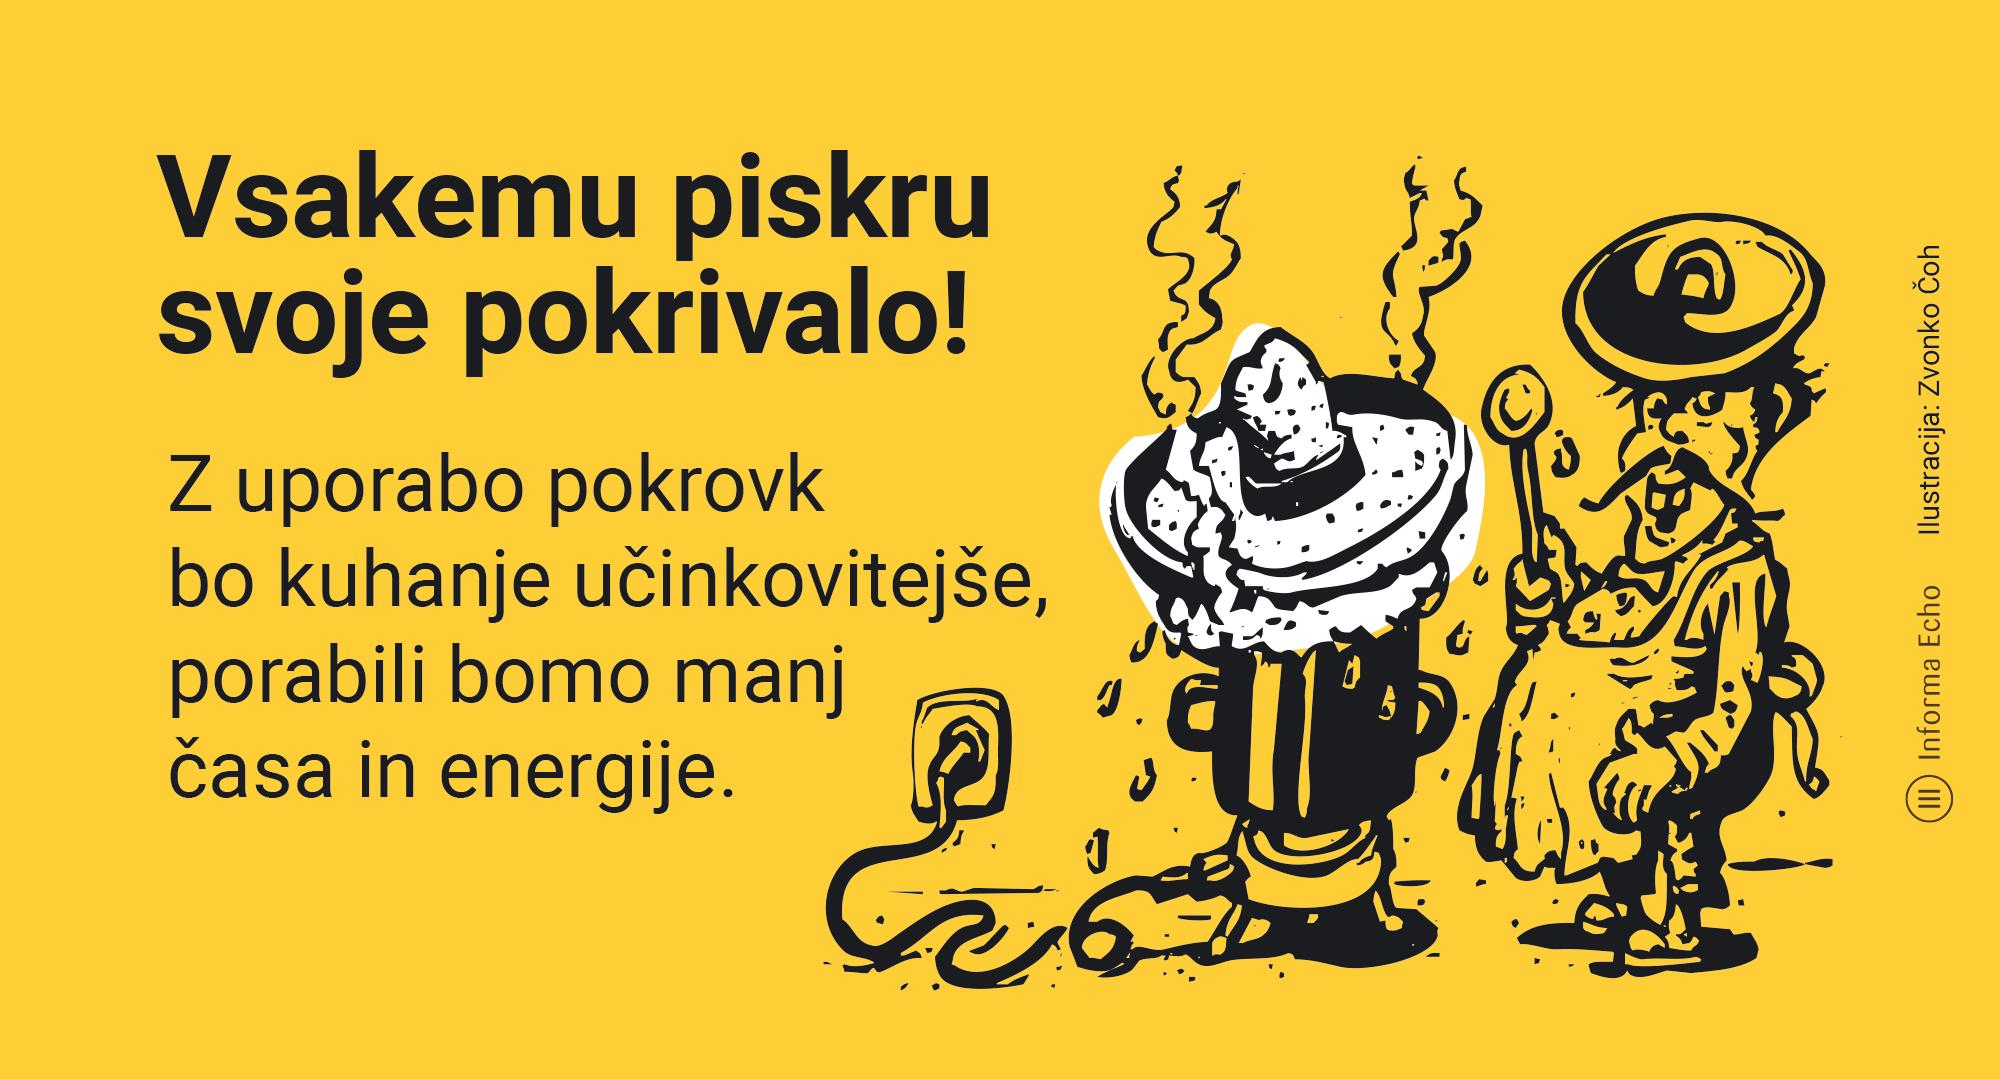 Kako porabiti manj energije pri kuhanju hrane / Pozitivna energija / Ilustracija: Zvonko Čoh